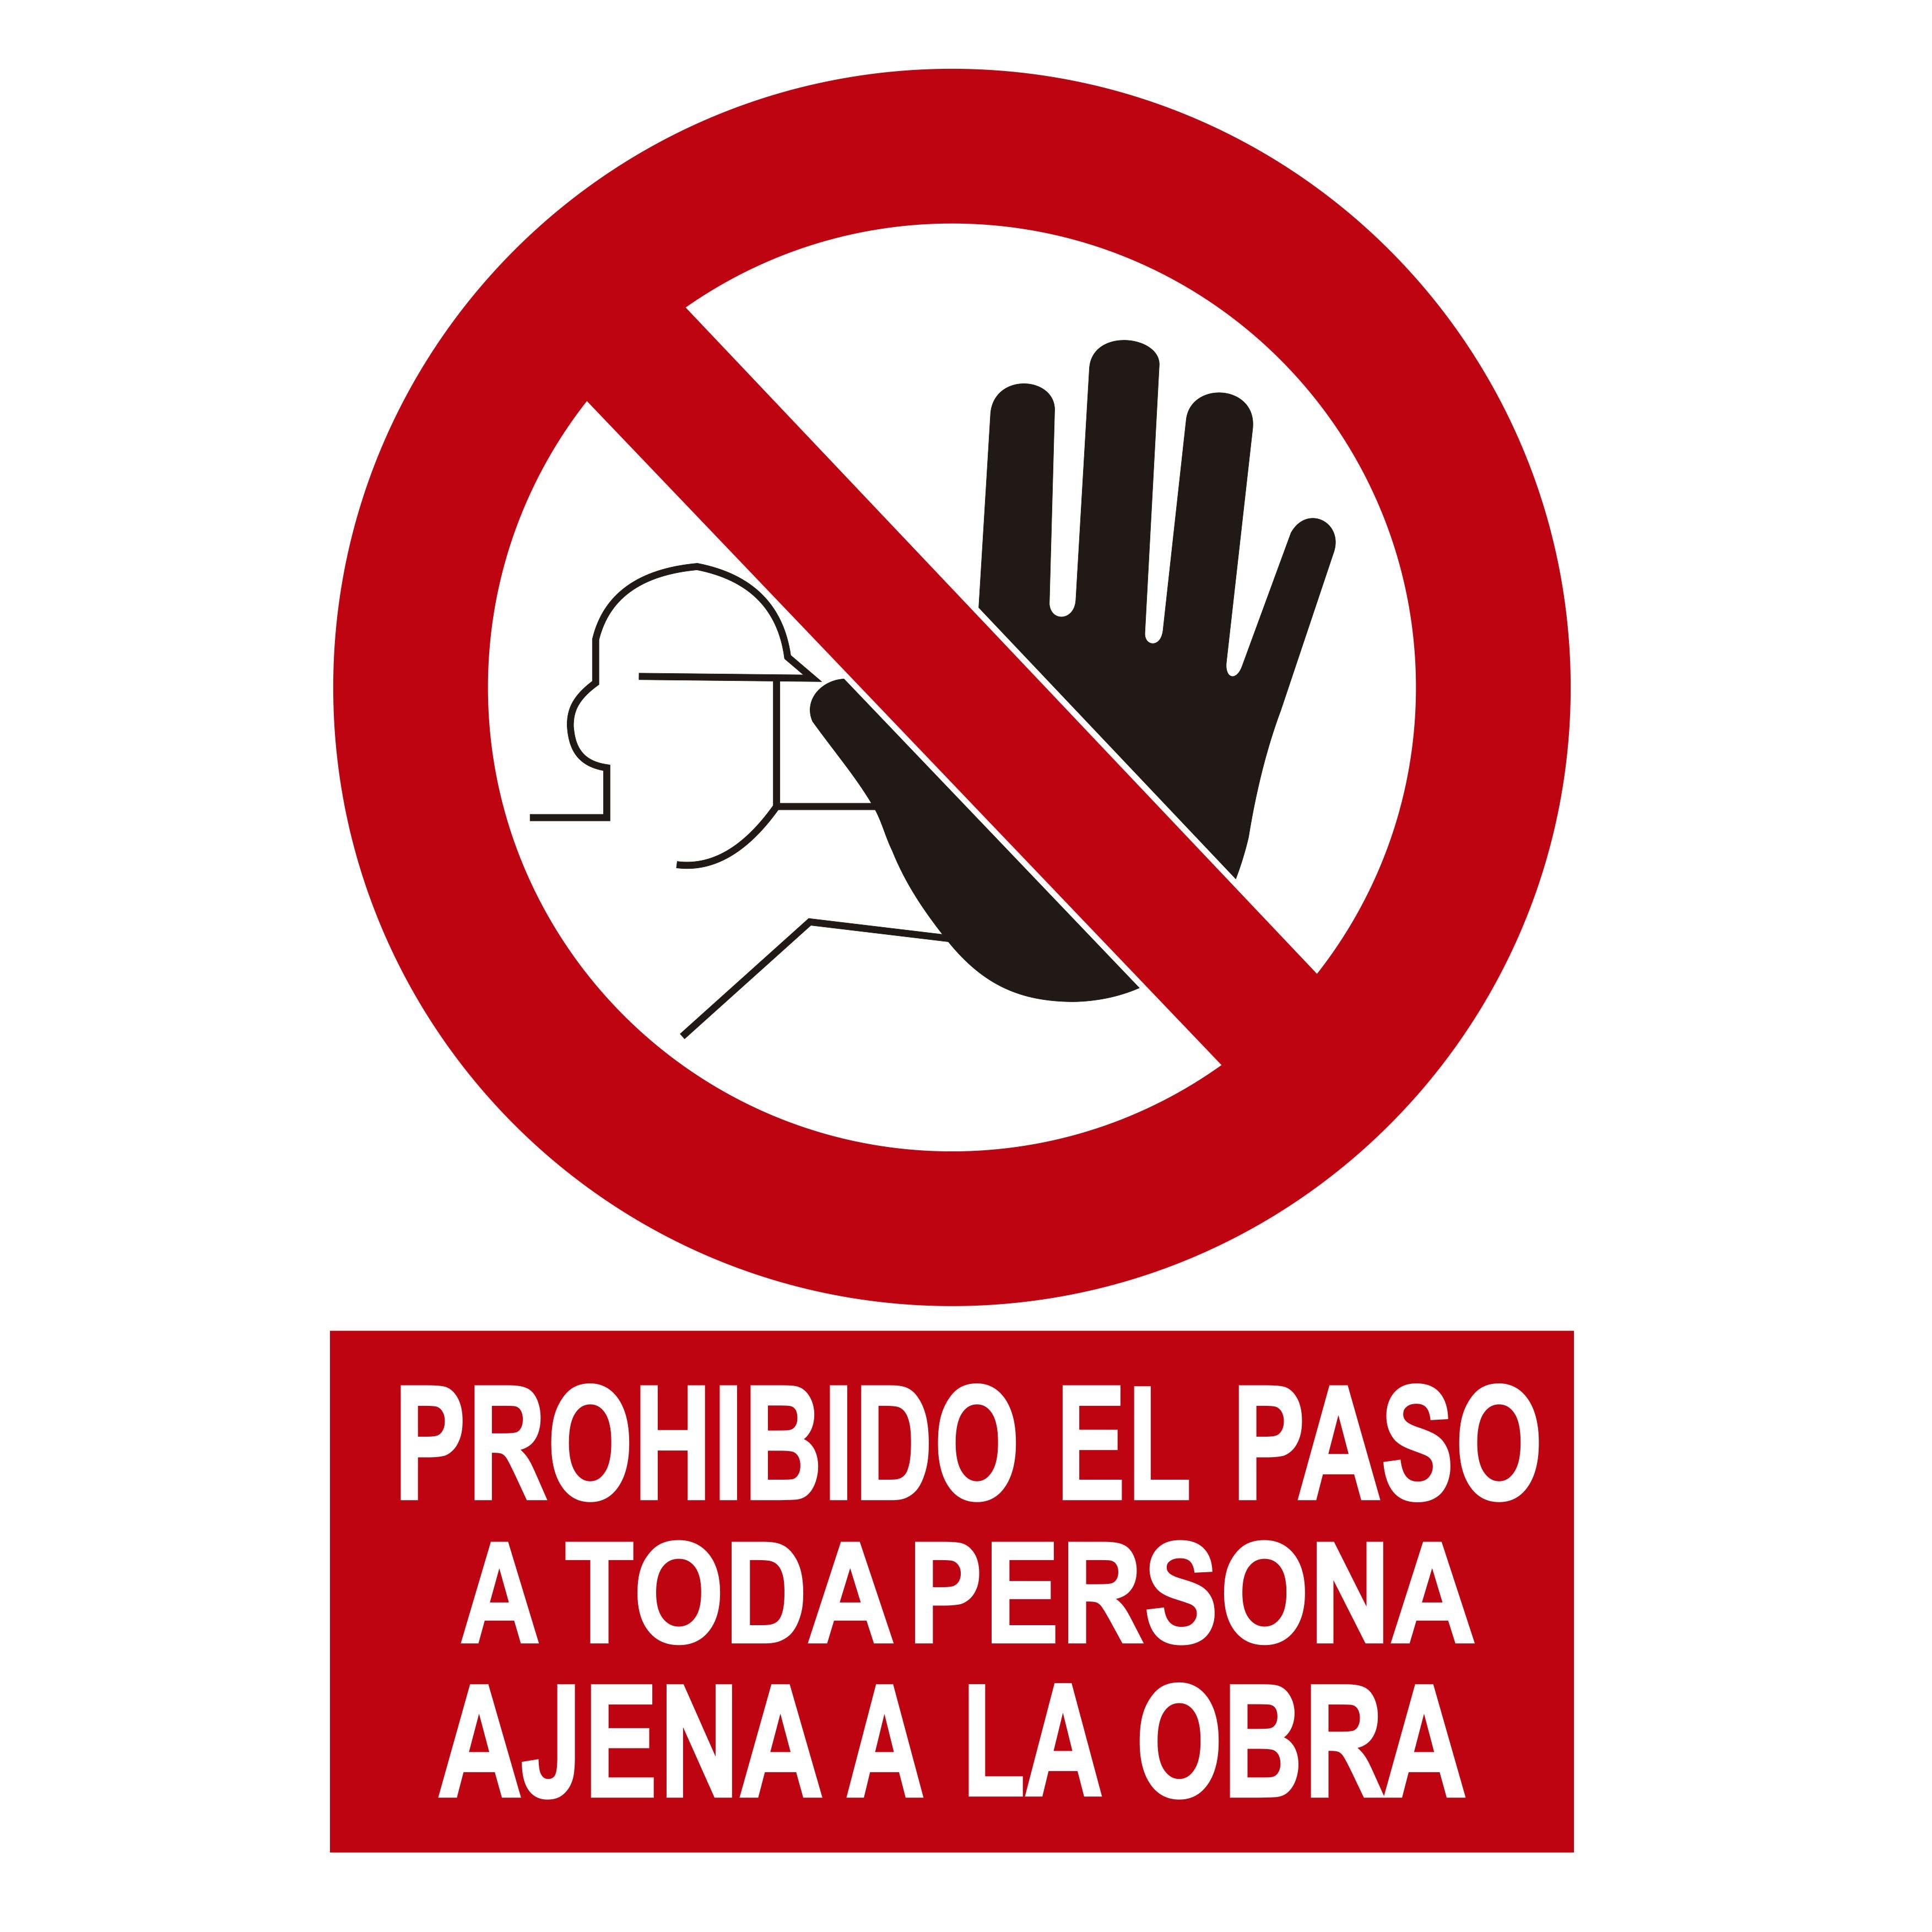 Señal PROHIBIDO EL PASO A TODA PERSONA AJENA A LA OBRA